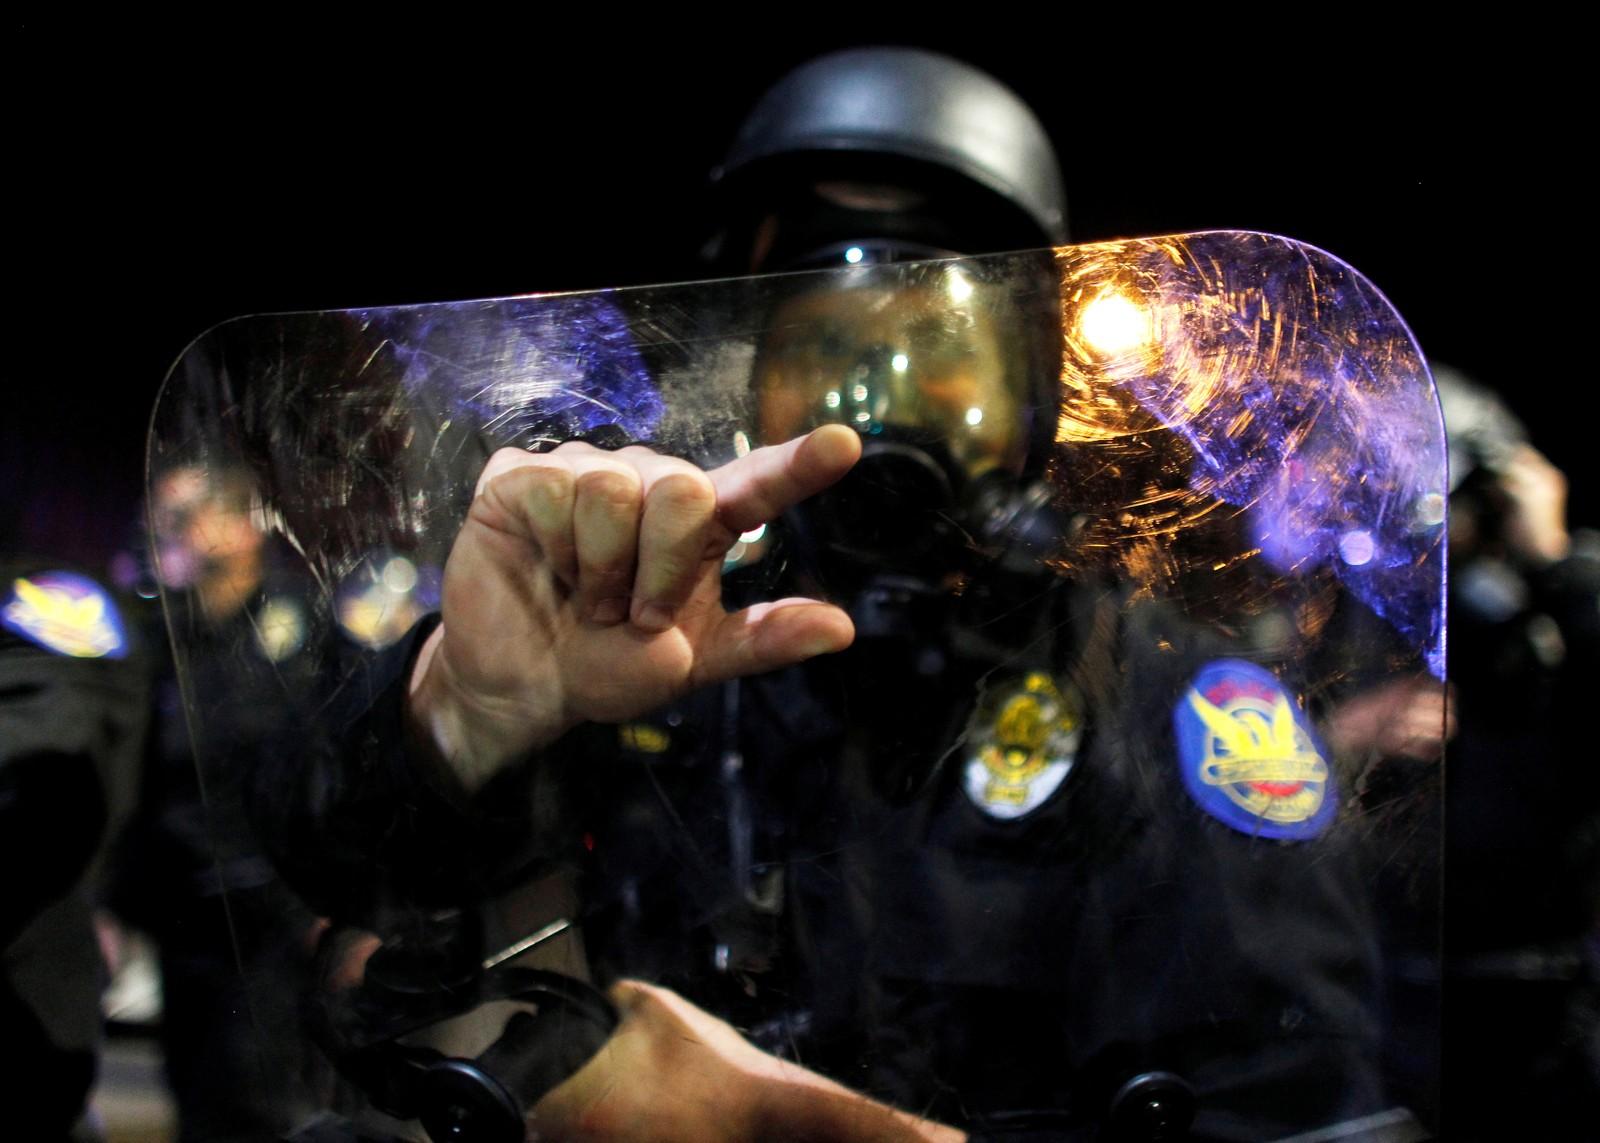 PHOENIX: Politiet i Phoenix i Arizona tok i bruk pepperspray for å stanse et tusentall mennesker før de gikk inn på motorveien Interstate 10.